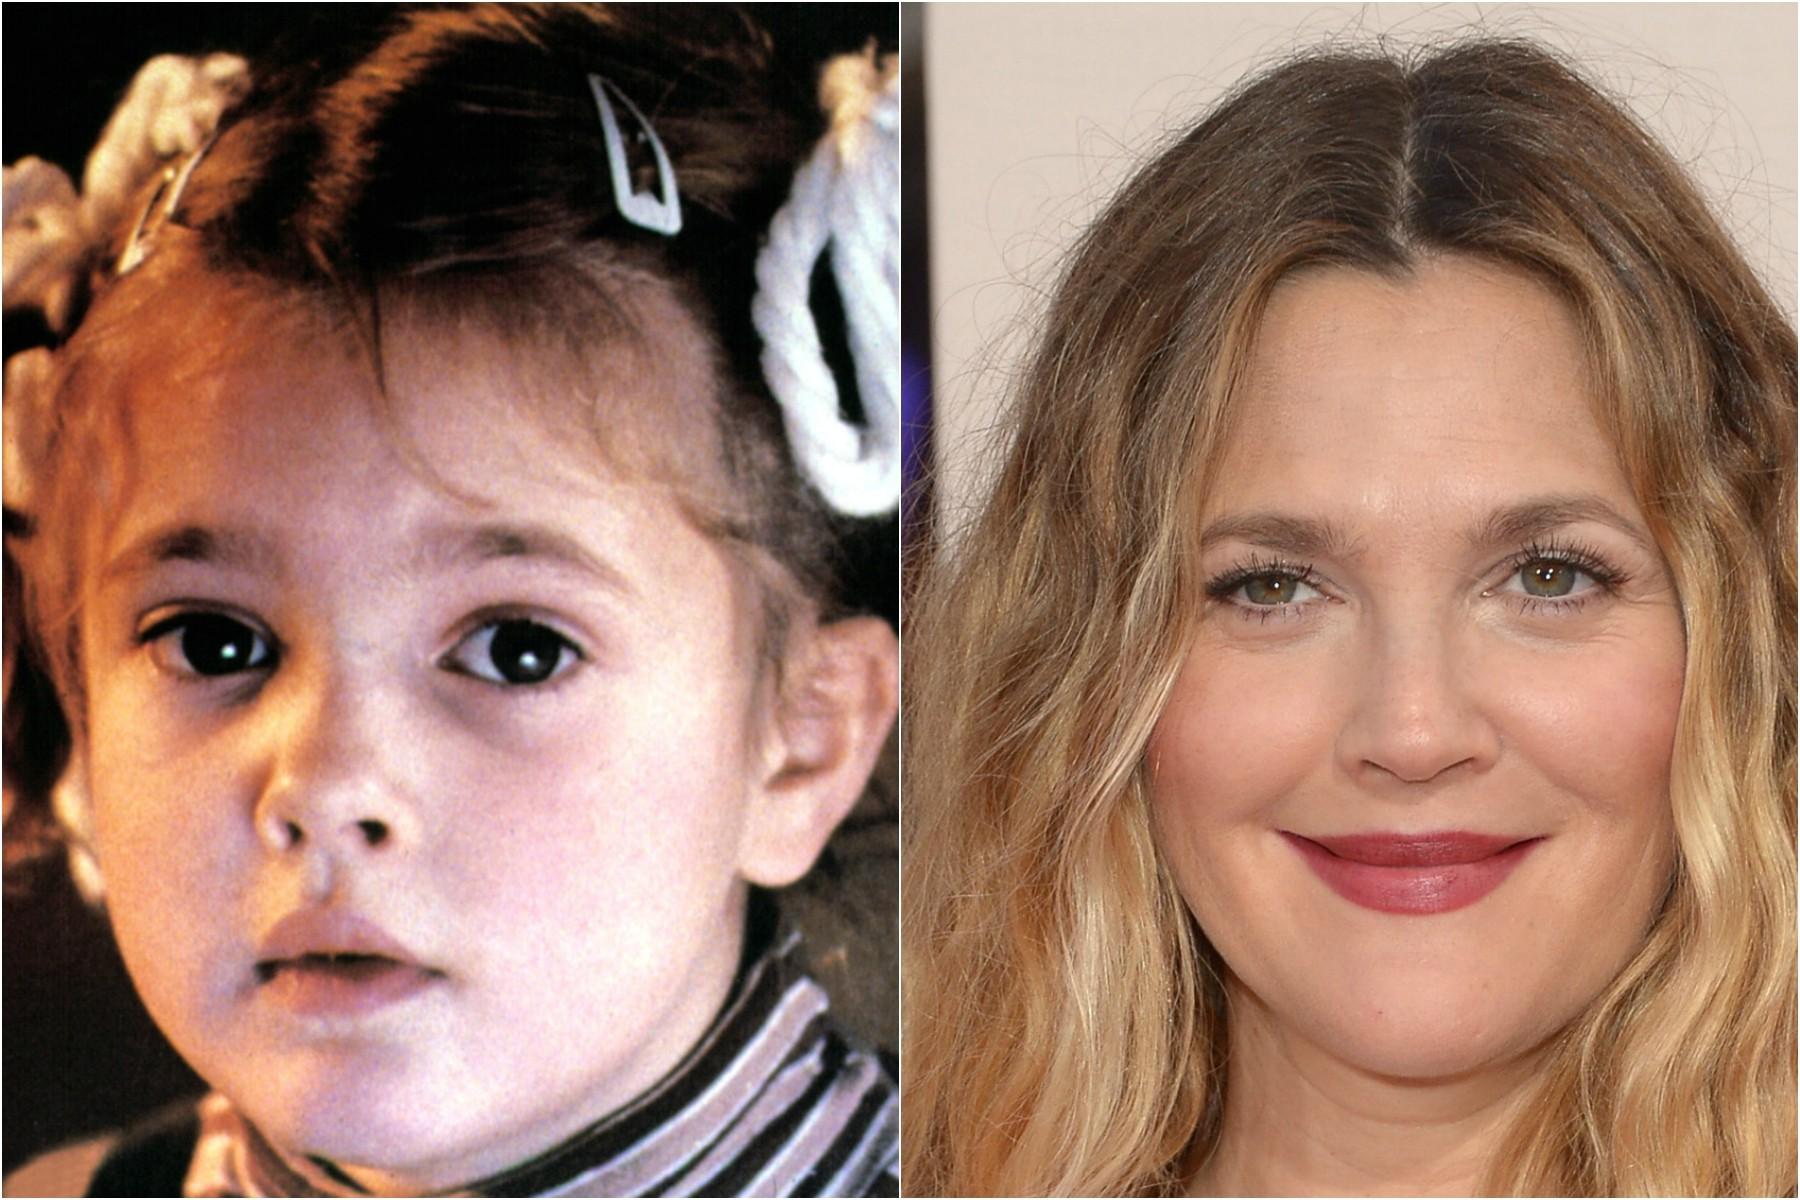 Drew Barrymore também teve um papel de destaque na infância: a Gertie de 'E.T. — O Extraterrestre' (1982), que fez quando tinha apenas 7 anos. Hoje ela tem 39 e está esperando sua terceira filha. (Foto: Divulgação e Getty Images)